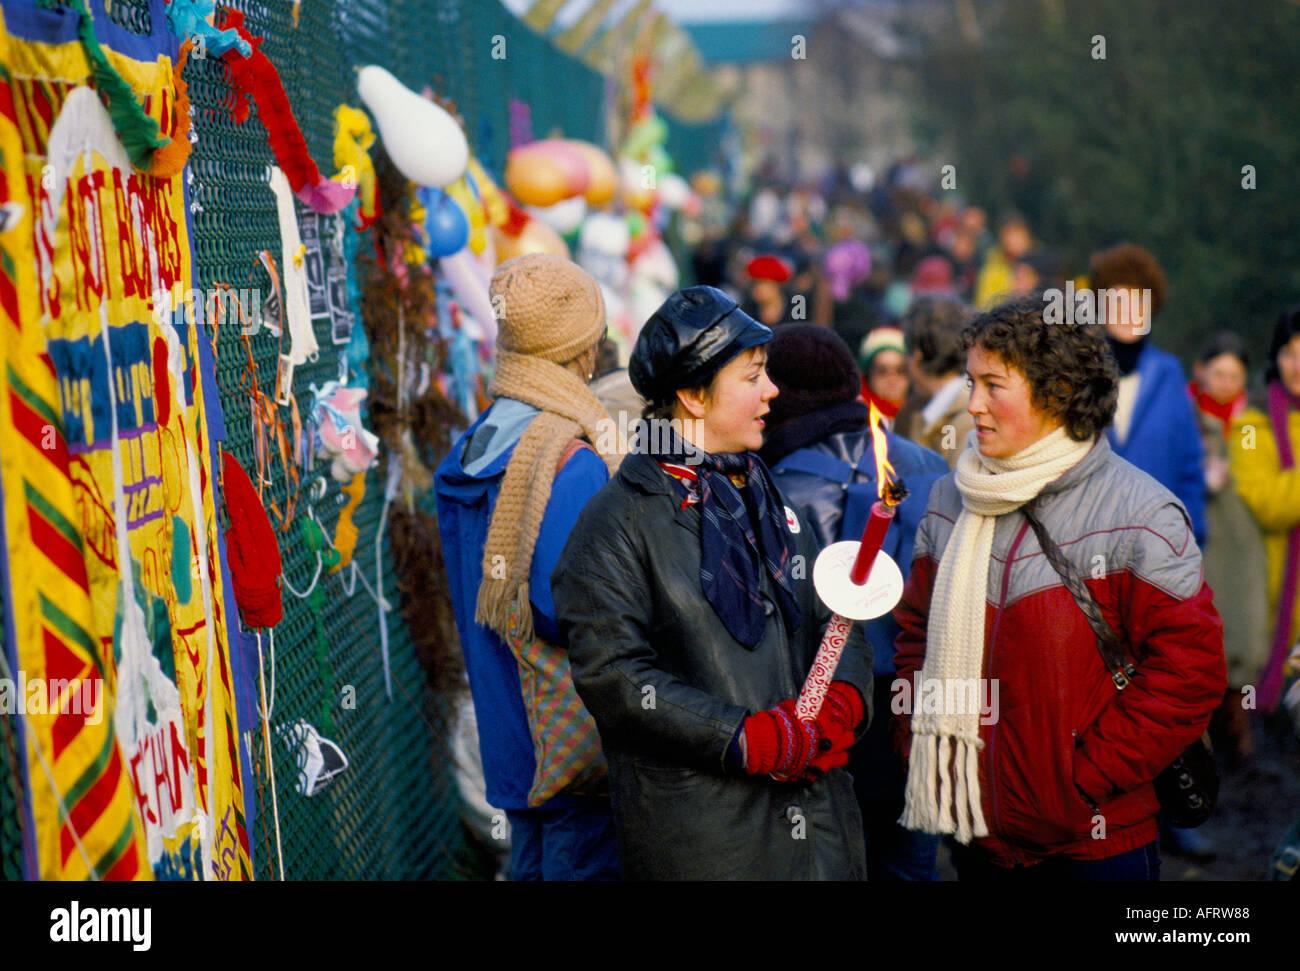 Les manifestants de la paix femmes clôture périphérique, Greenham Common Berkshire en Angleterre. 1982 ou 1983 HOMER SYKES Photo Stock